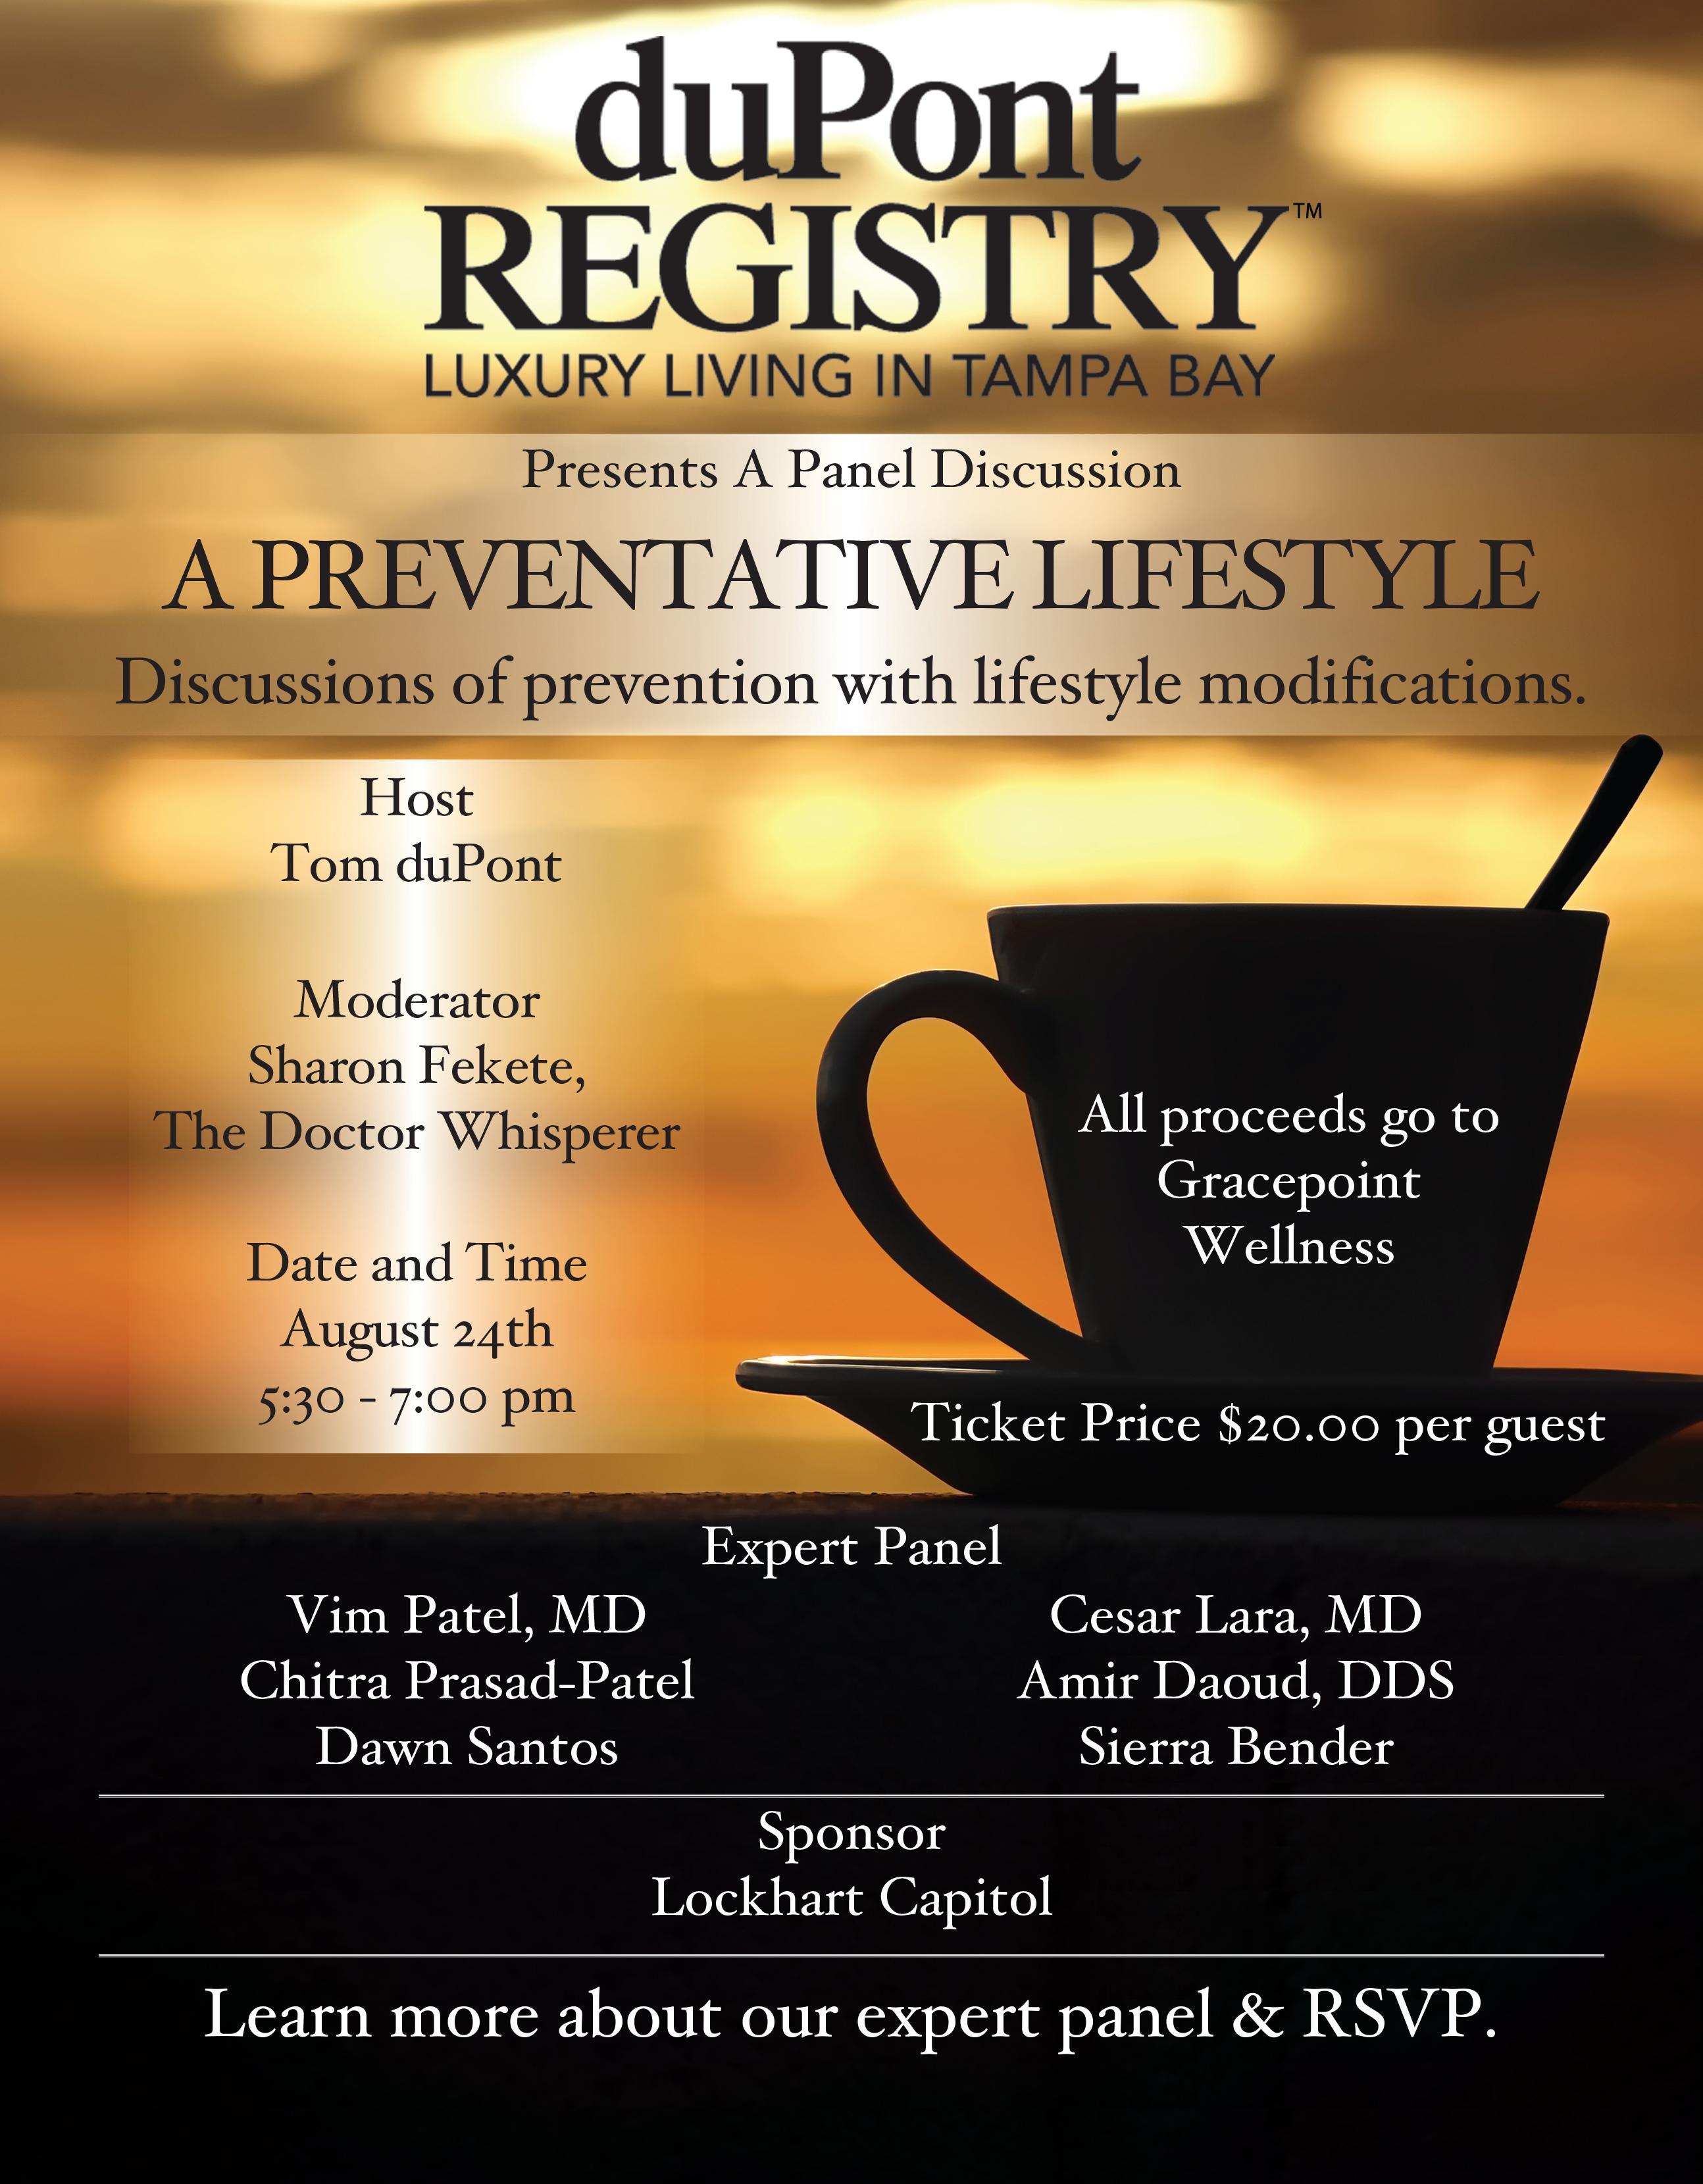 duPont REGISTRY presents: A PREVENTATIVE LIFE